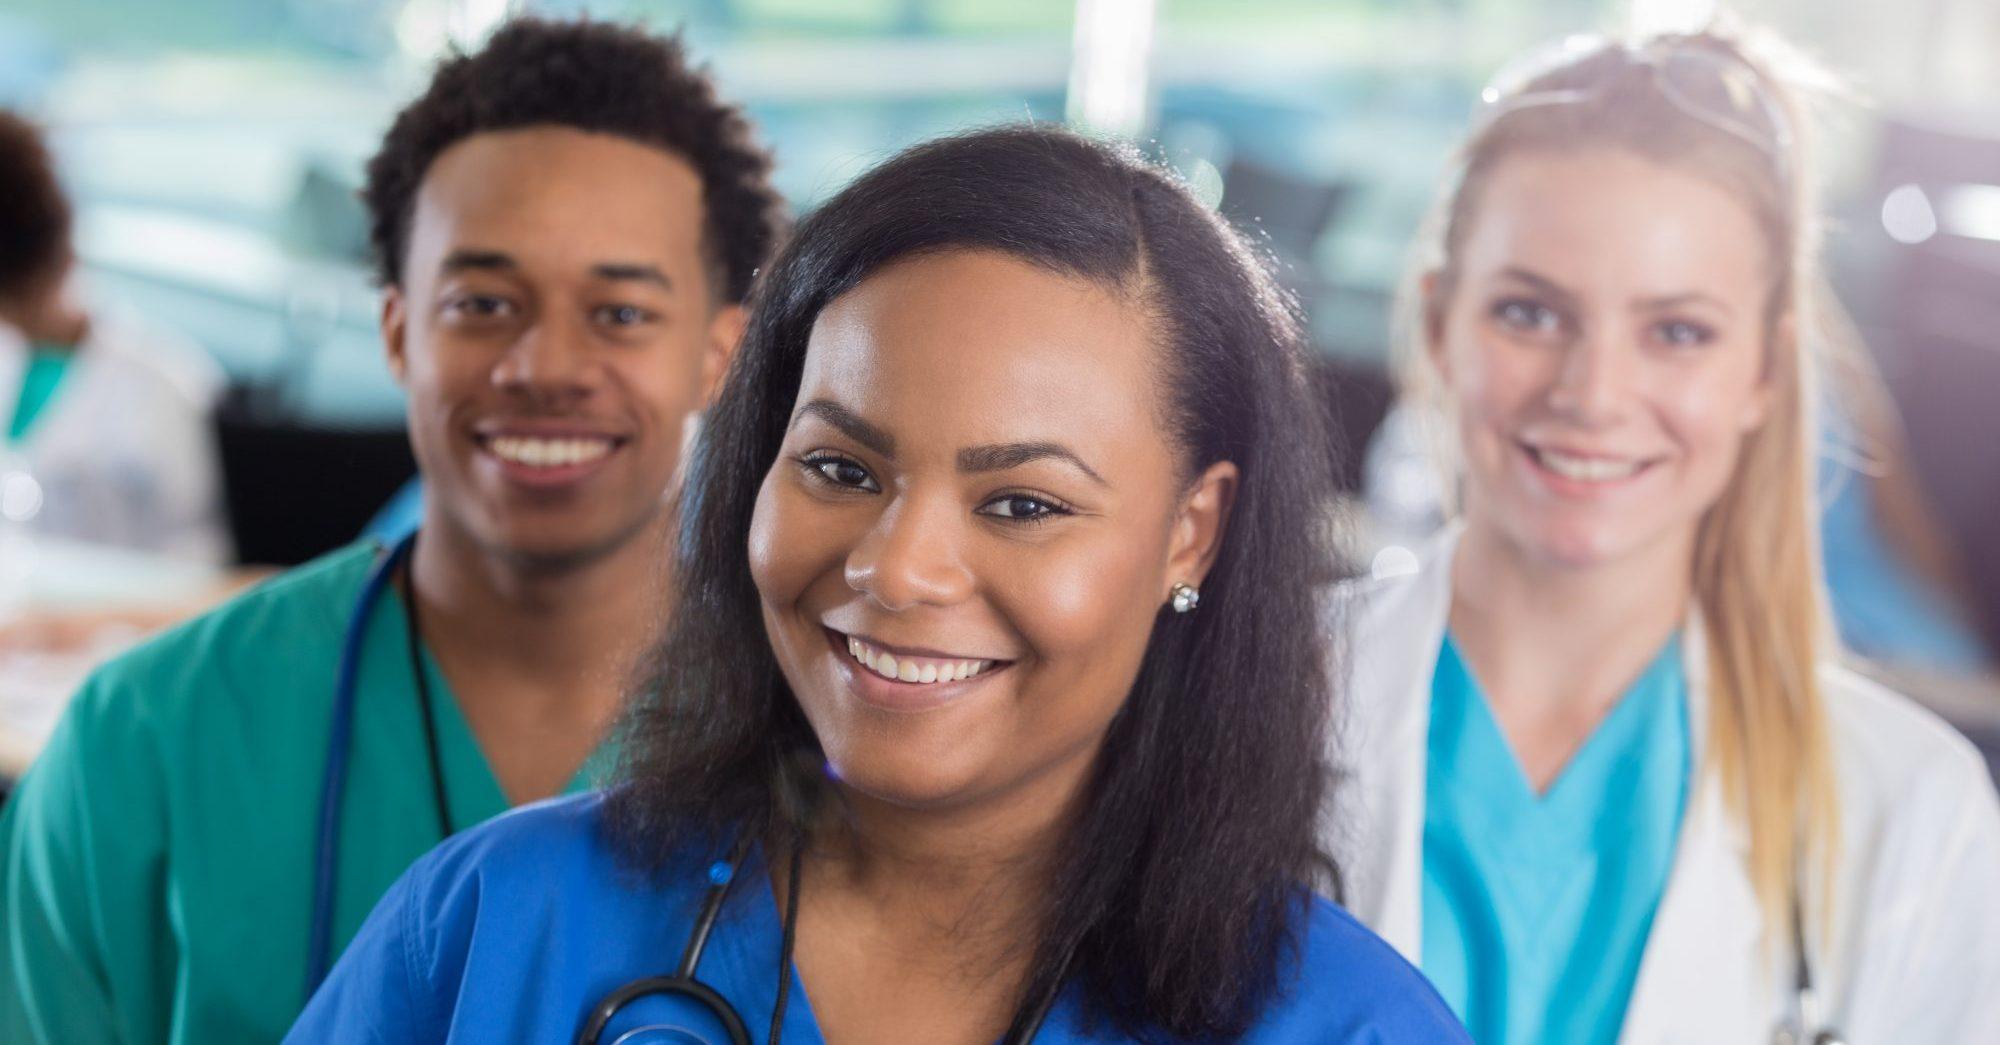 Diverse medical professionals